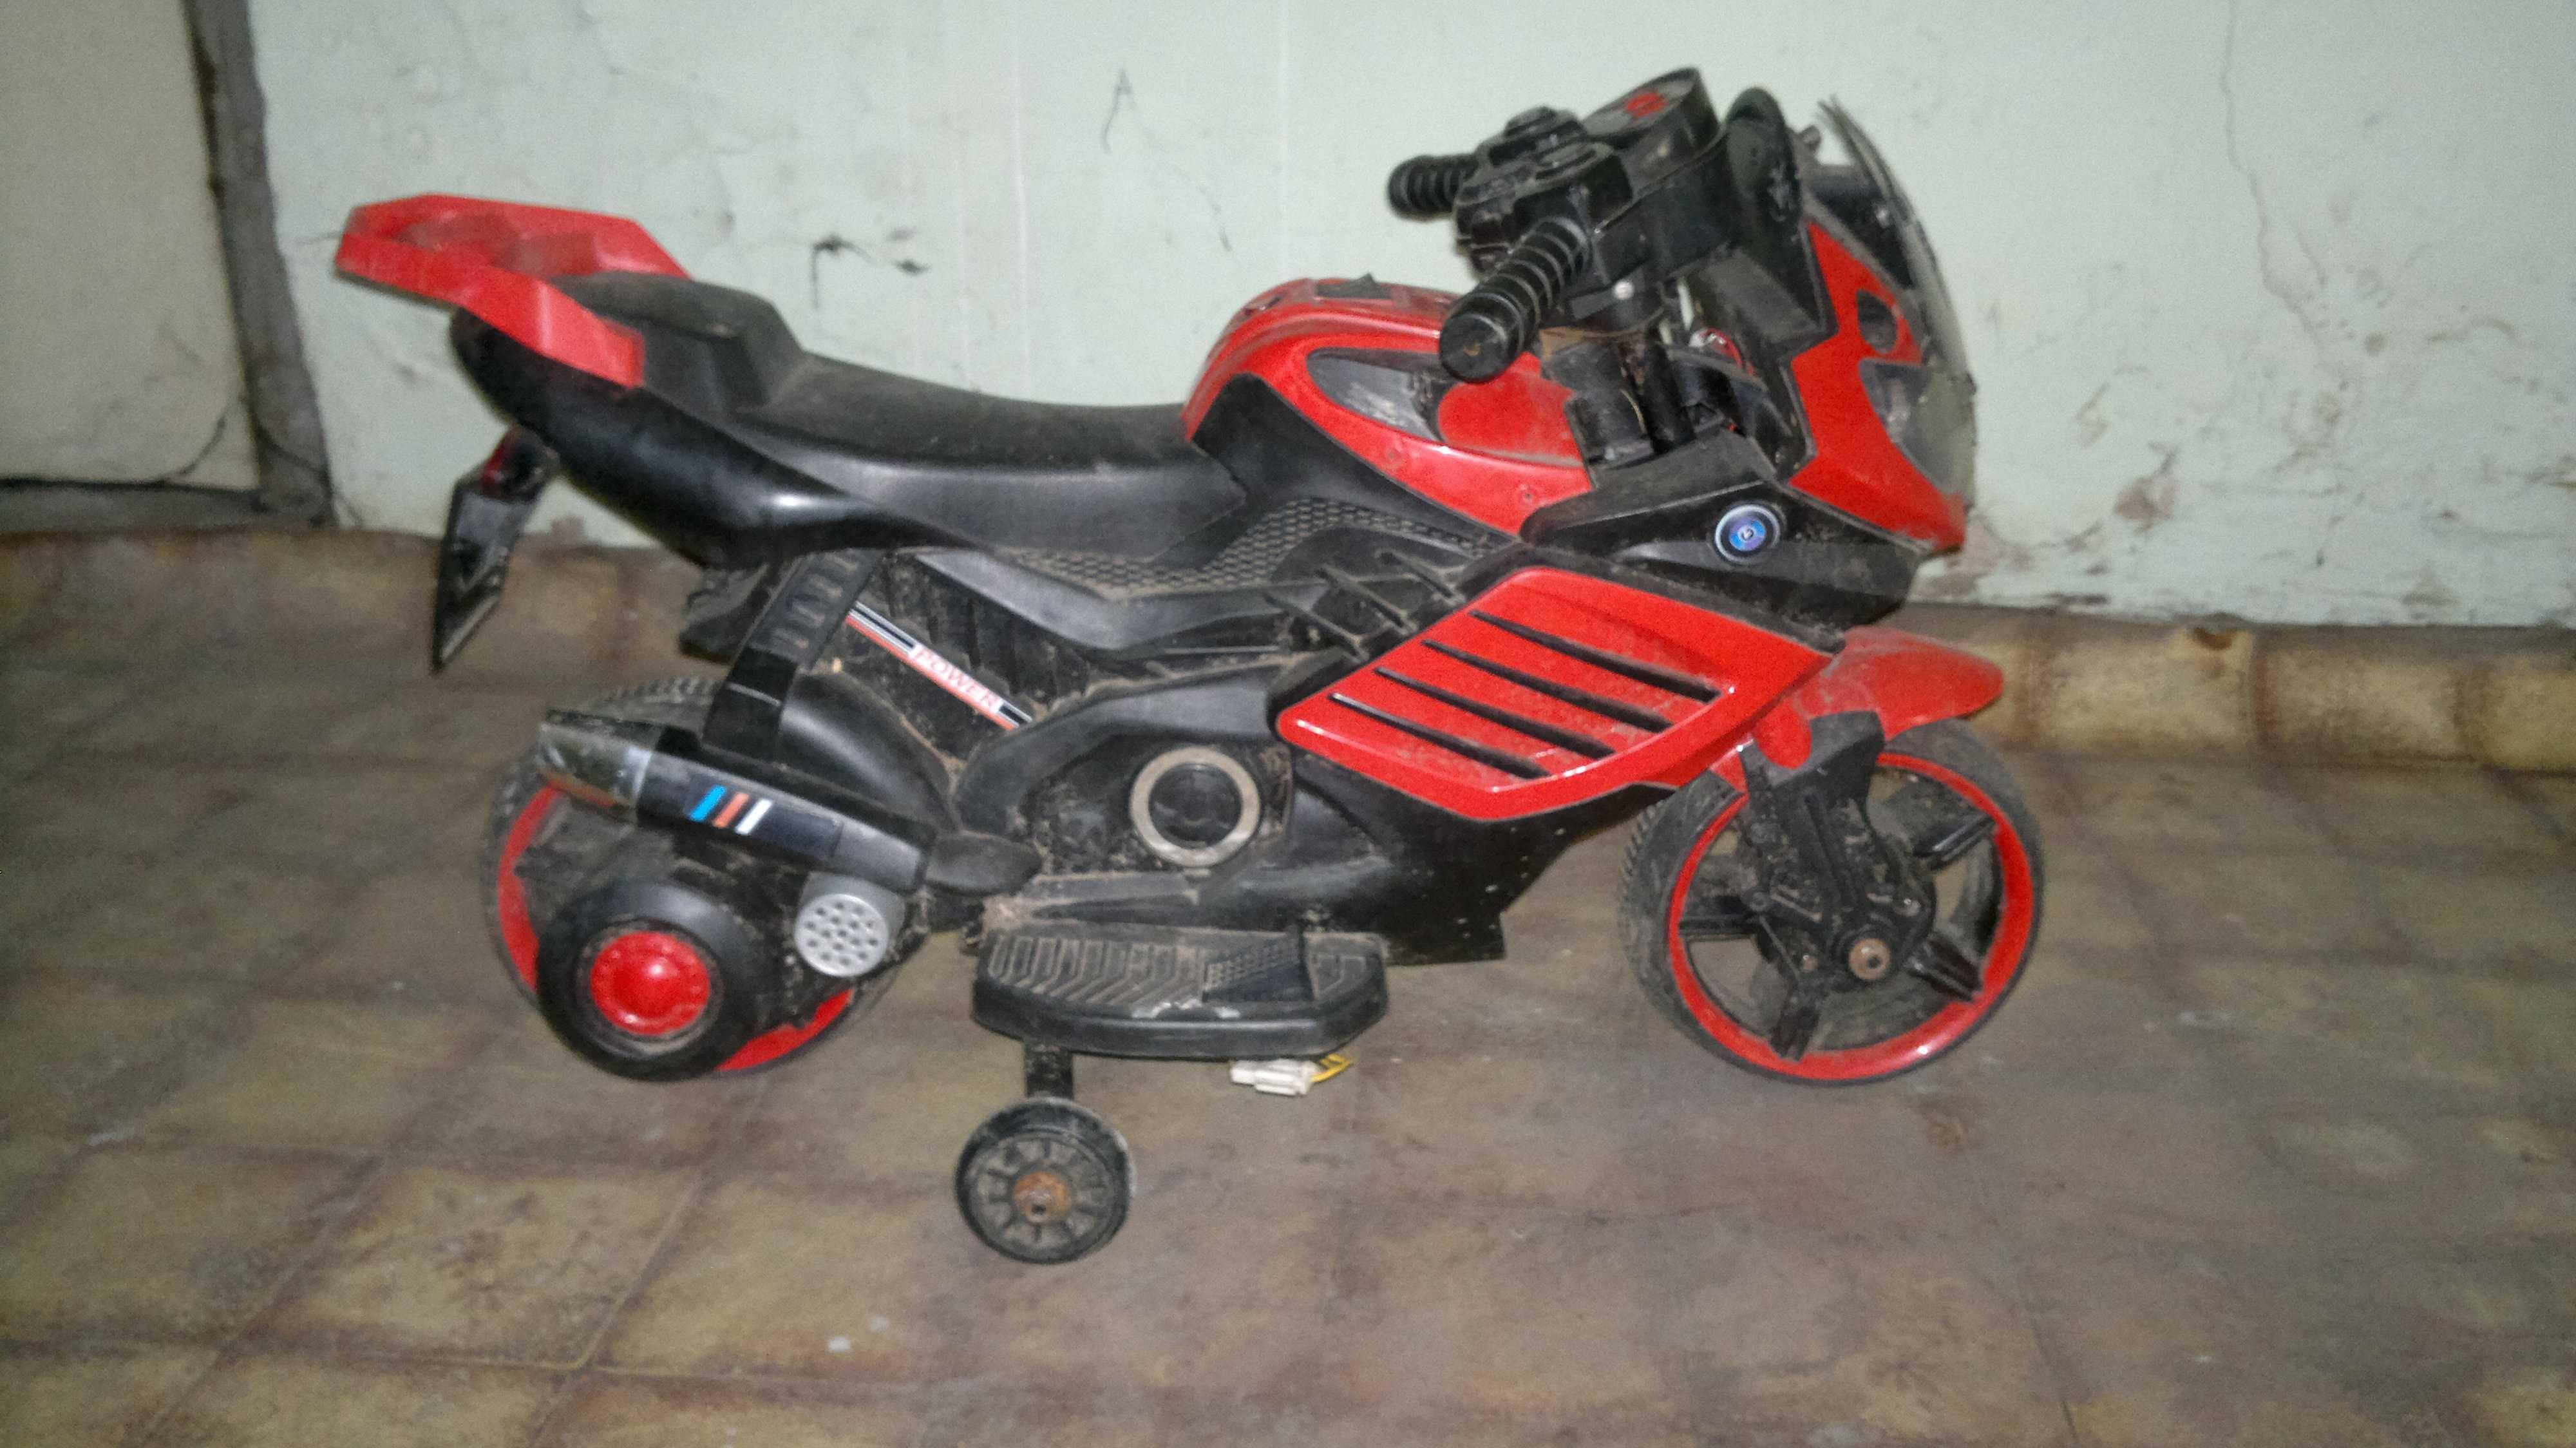 Motocykl BMW dla dzieci na akumulator z kółkami bocznymi elektryczny